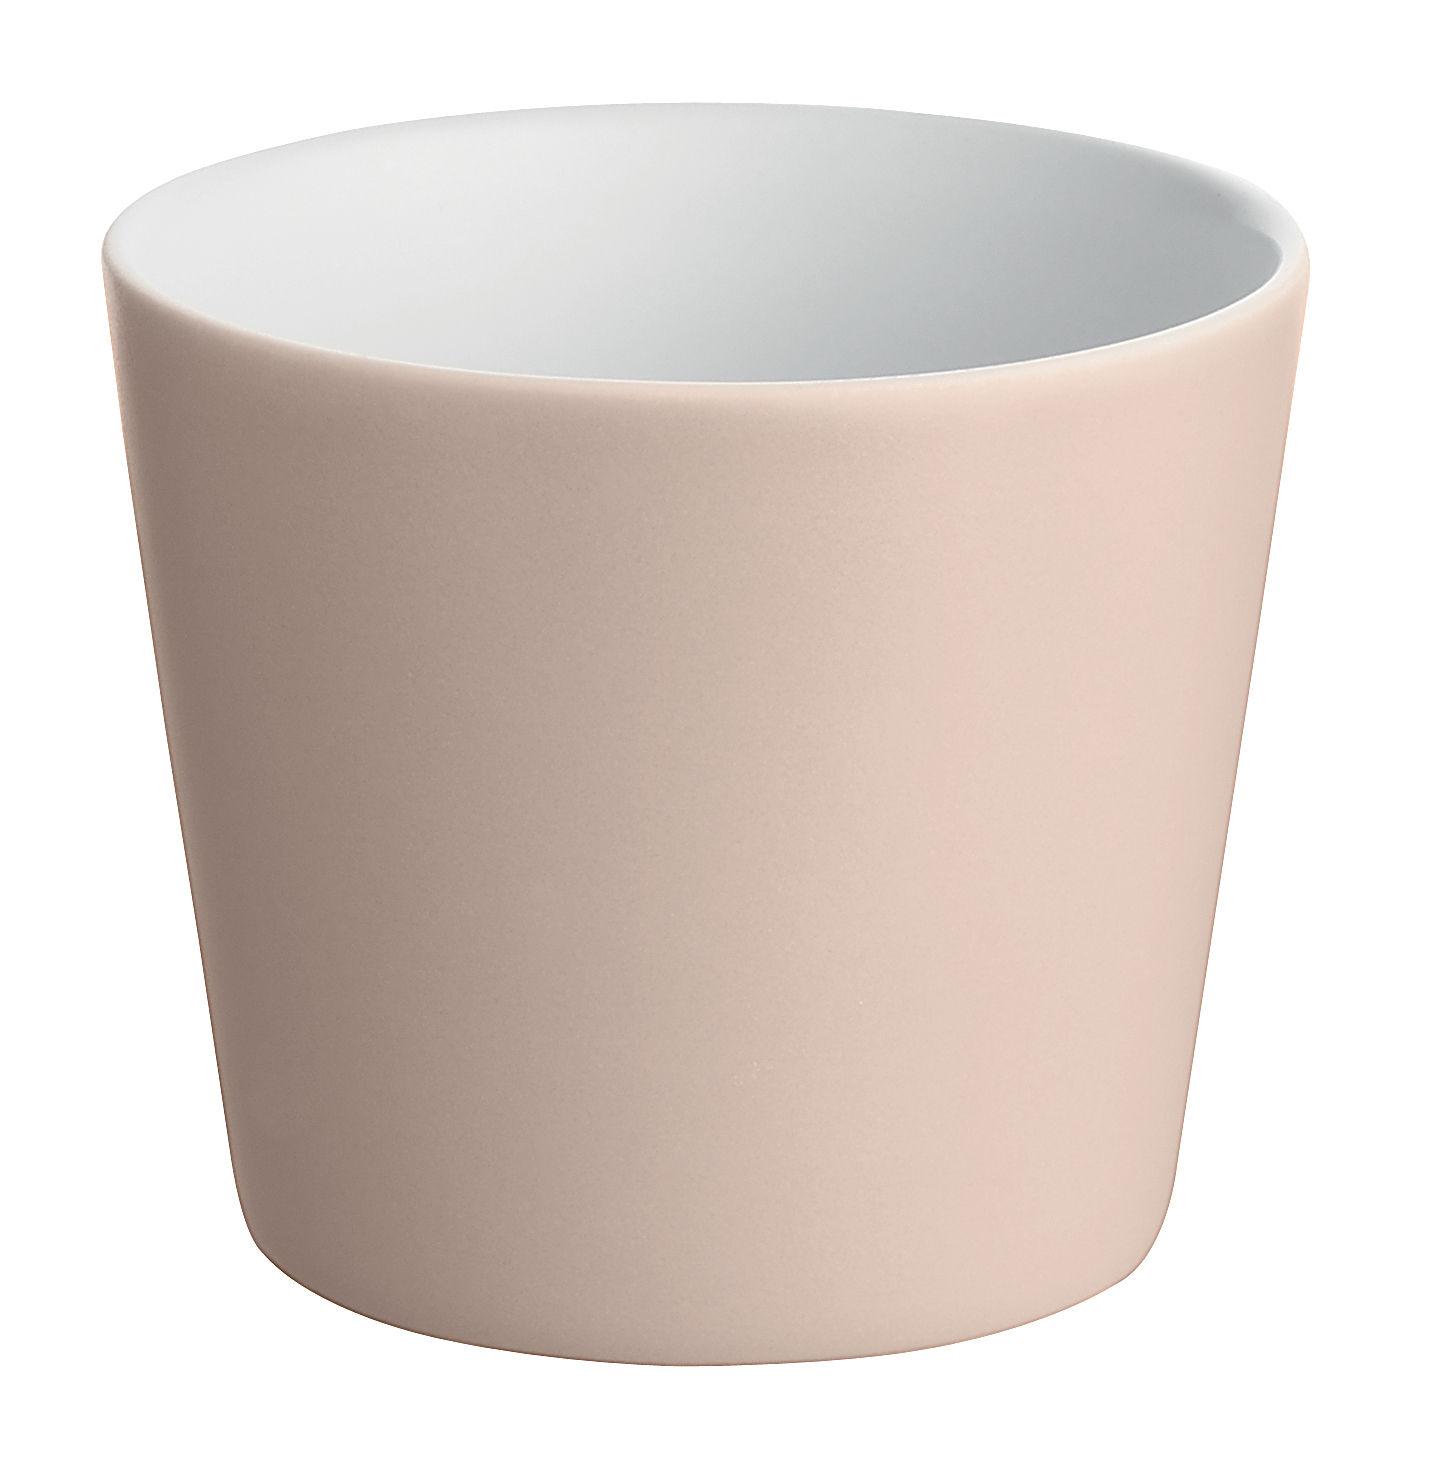 Arts de la table - Verres  - Gobelet Tonale / 20 cl - Alessi - Rose pâle / intérieur blanc - Céramique Stoneware